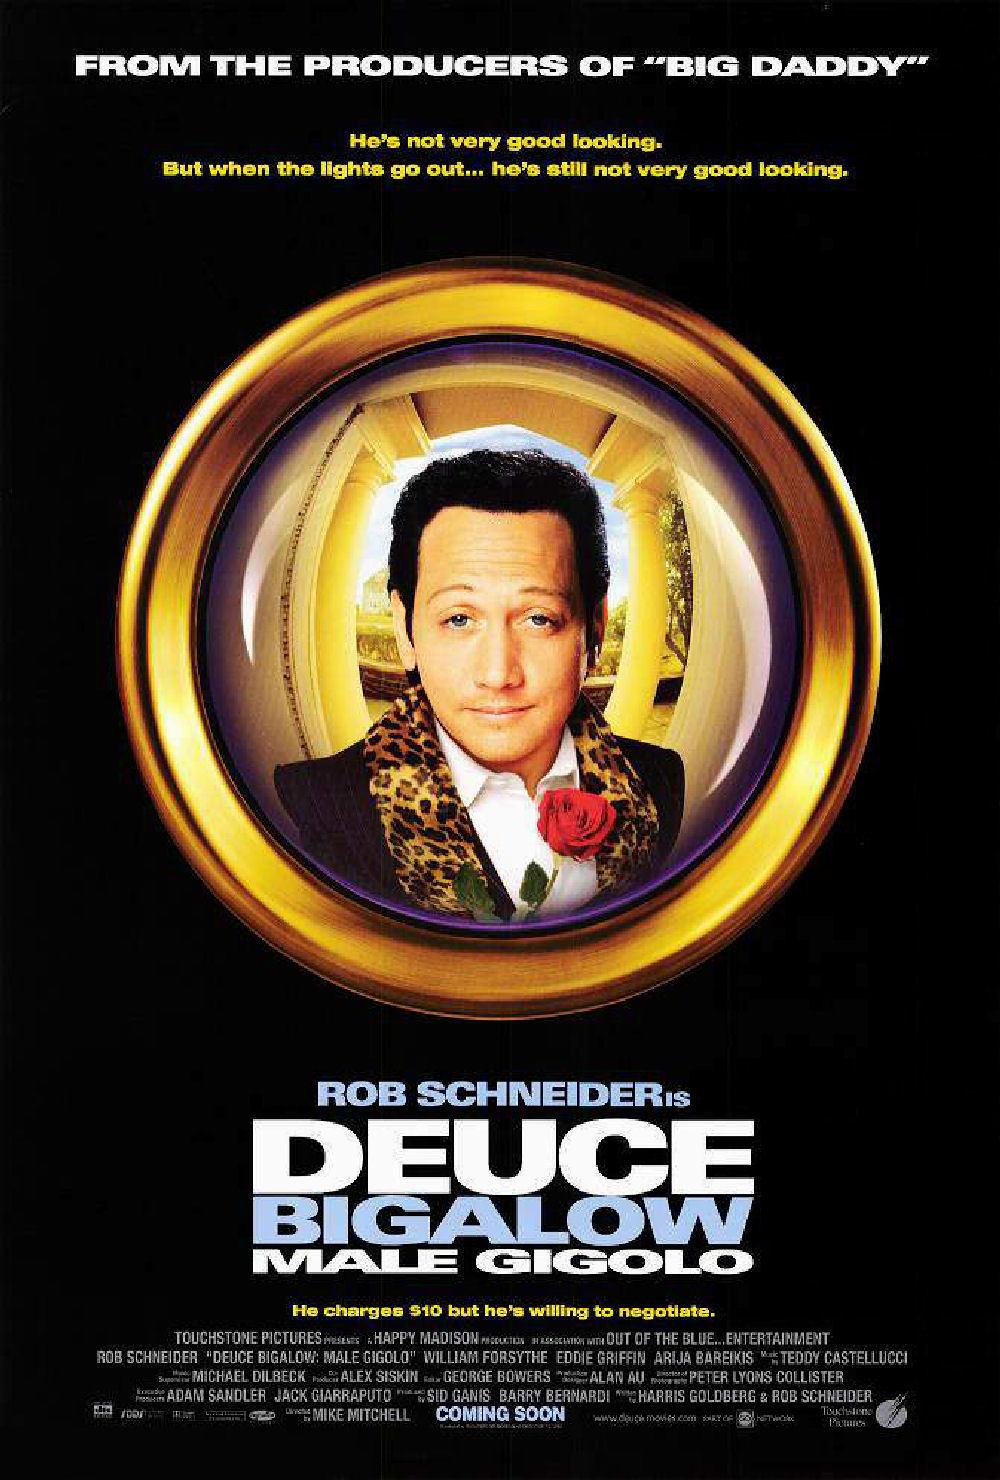 deuce bigalow gigolo à tout prix Disney touchstone affiche poster